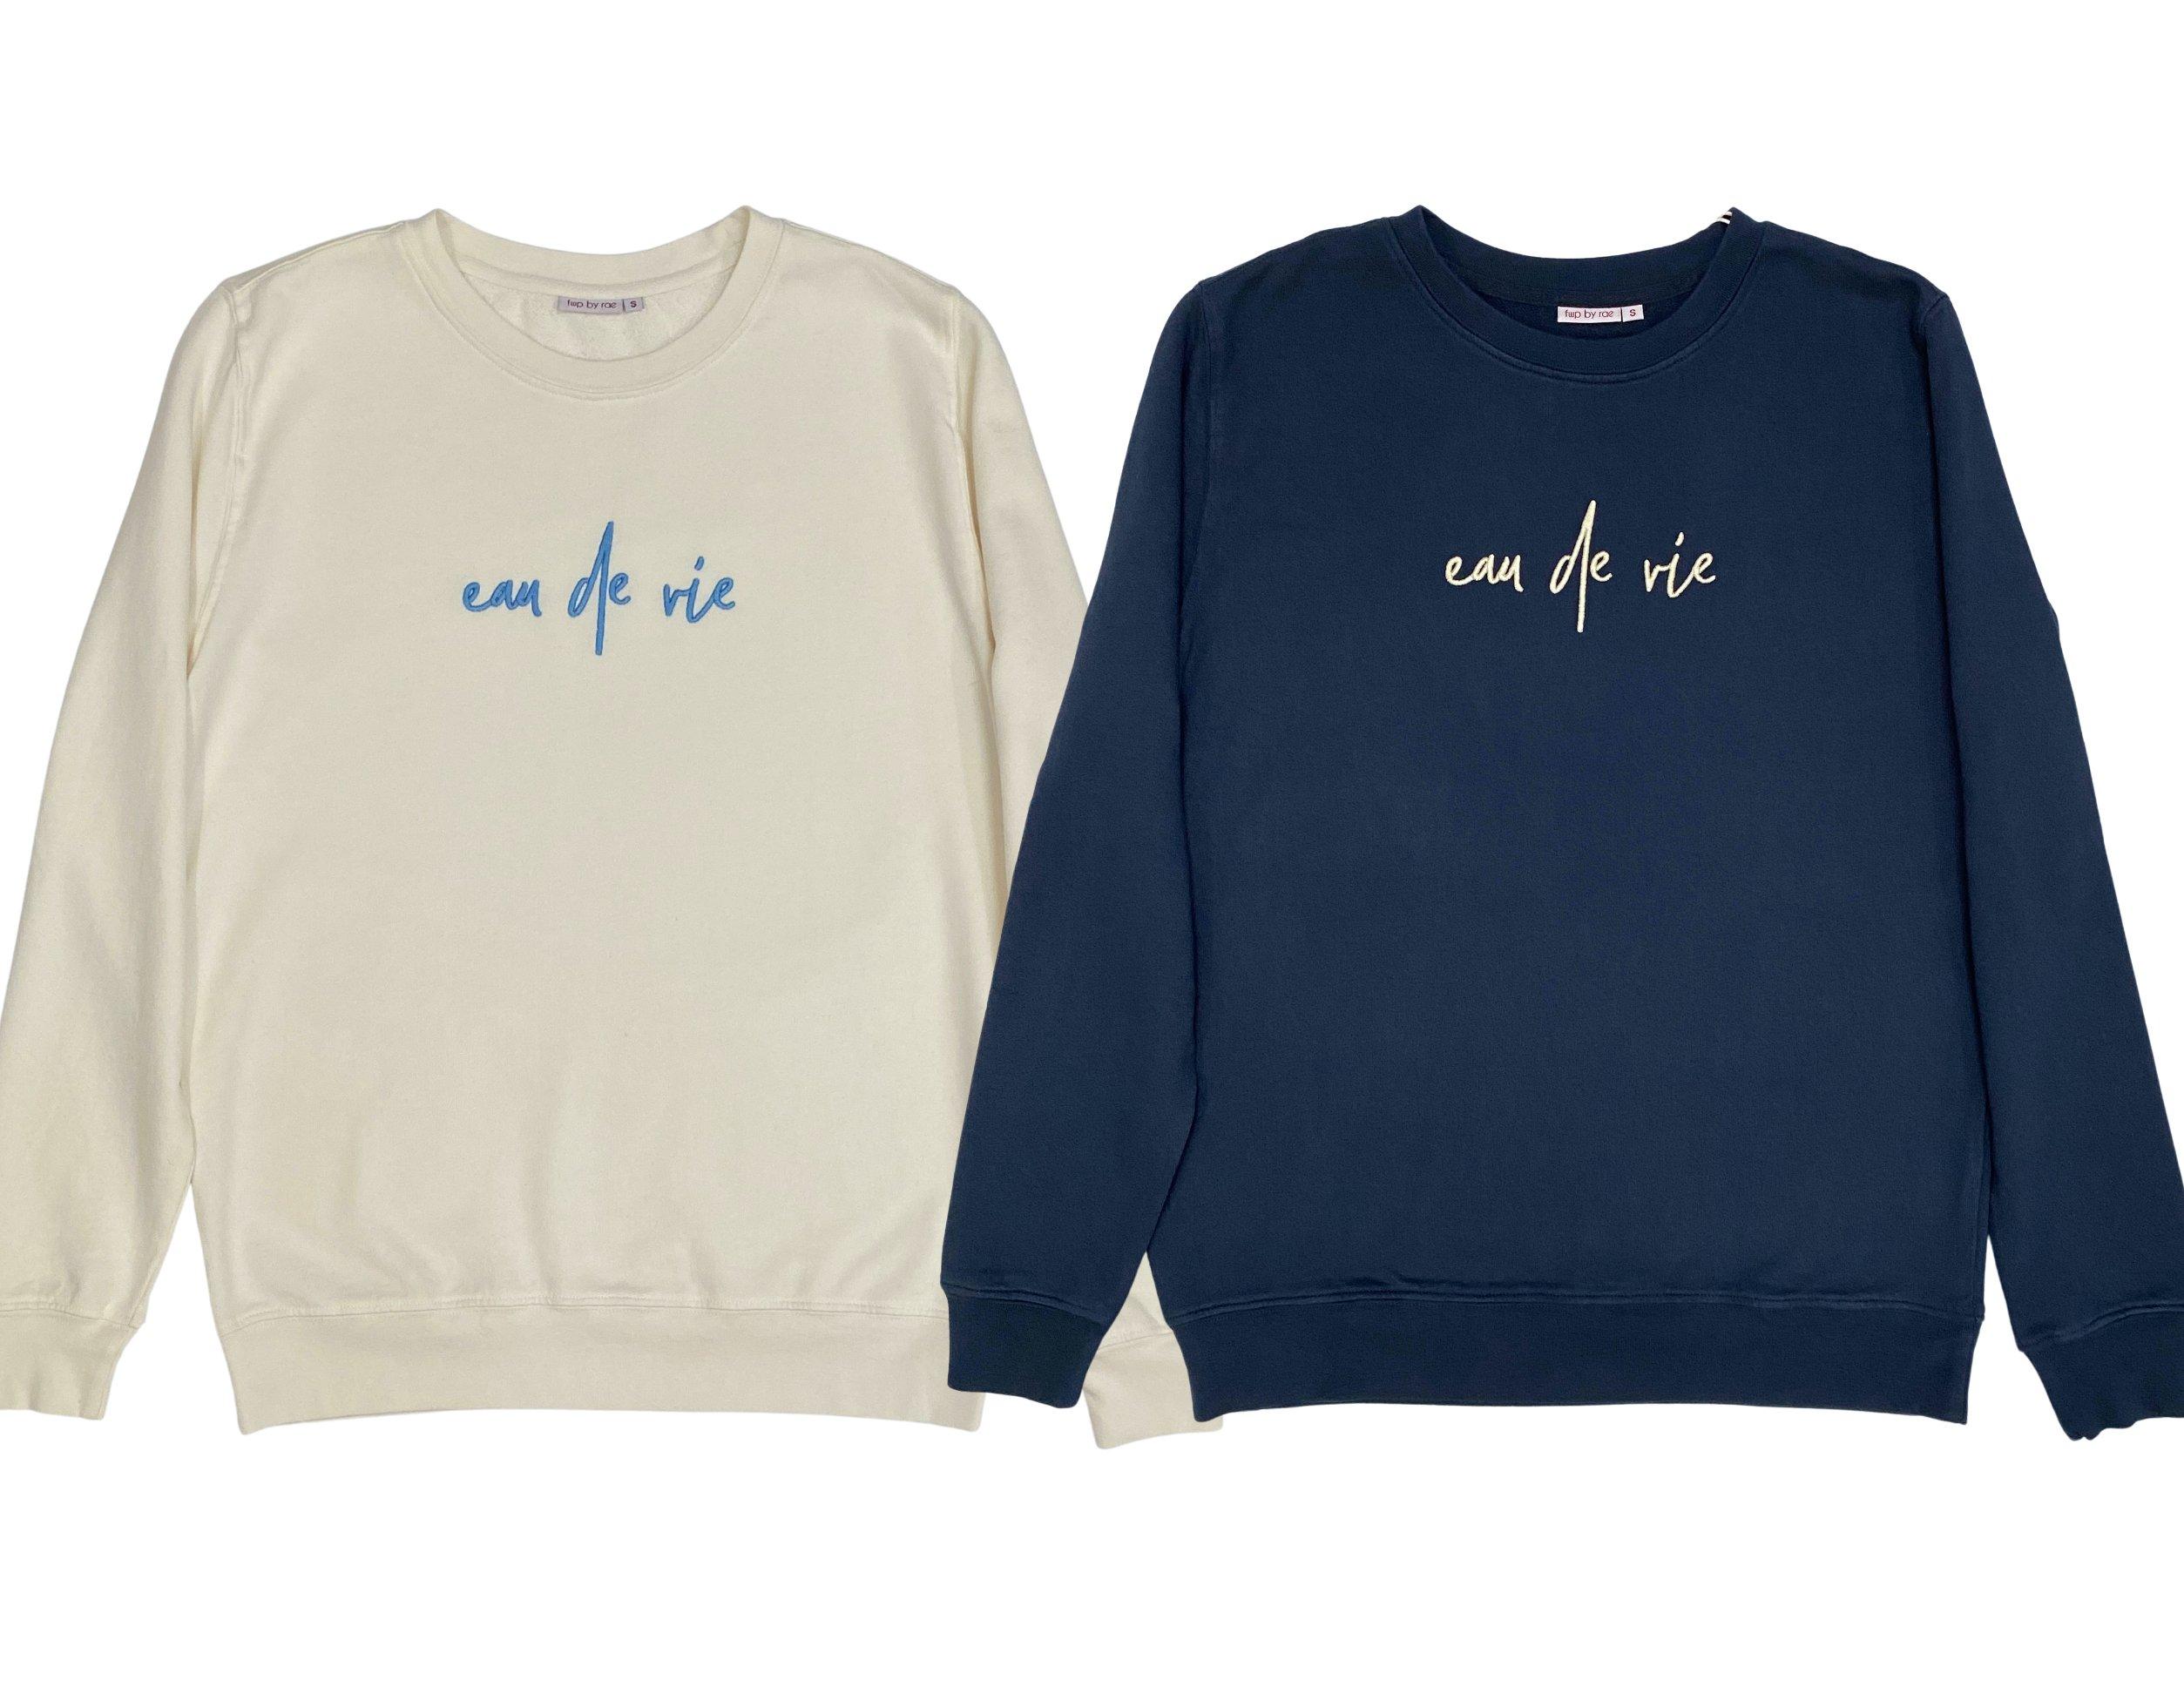 eau de vie sweatshirt fine knit